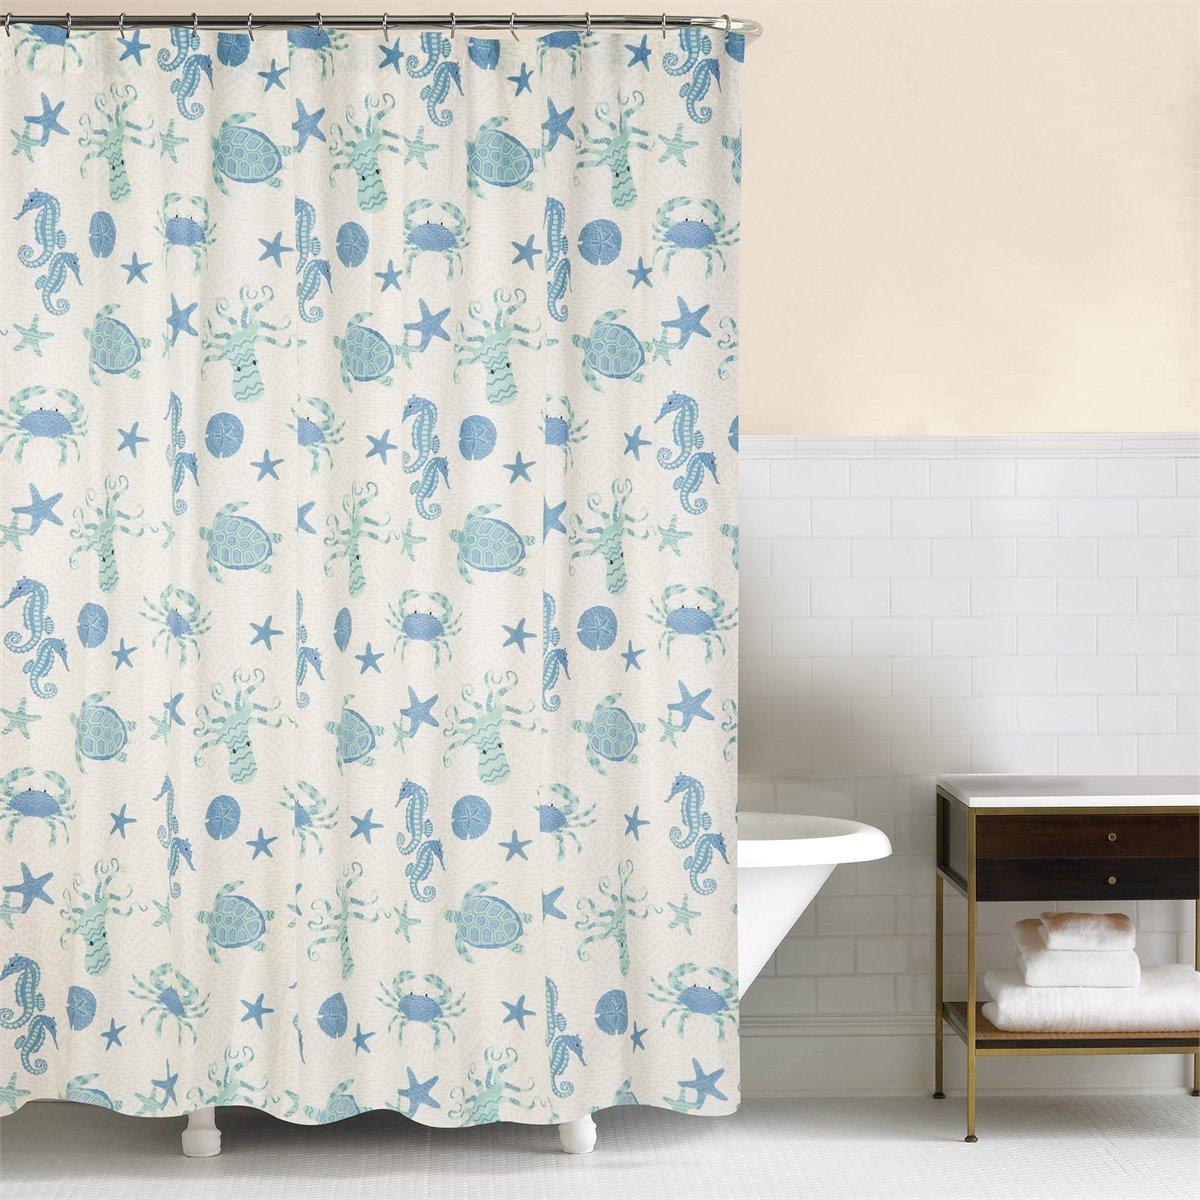 Brisbane Shower Curtain by C & F Enterprises